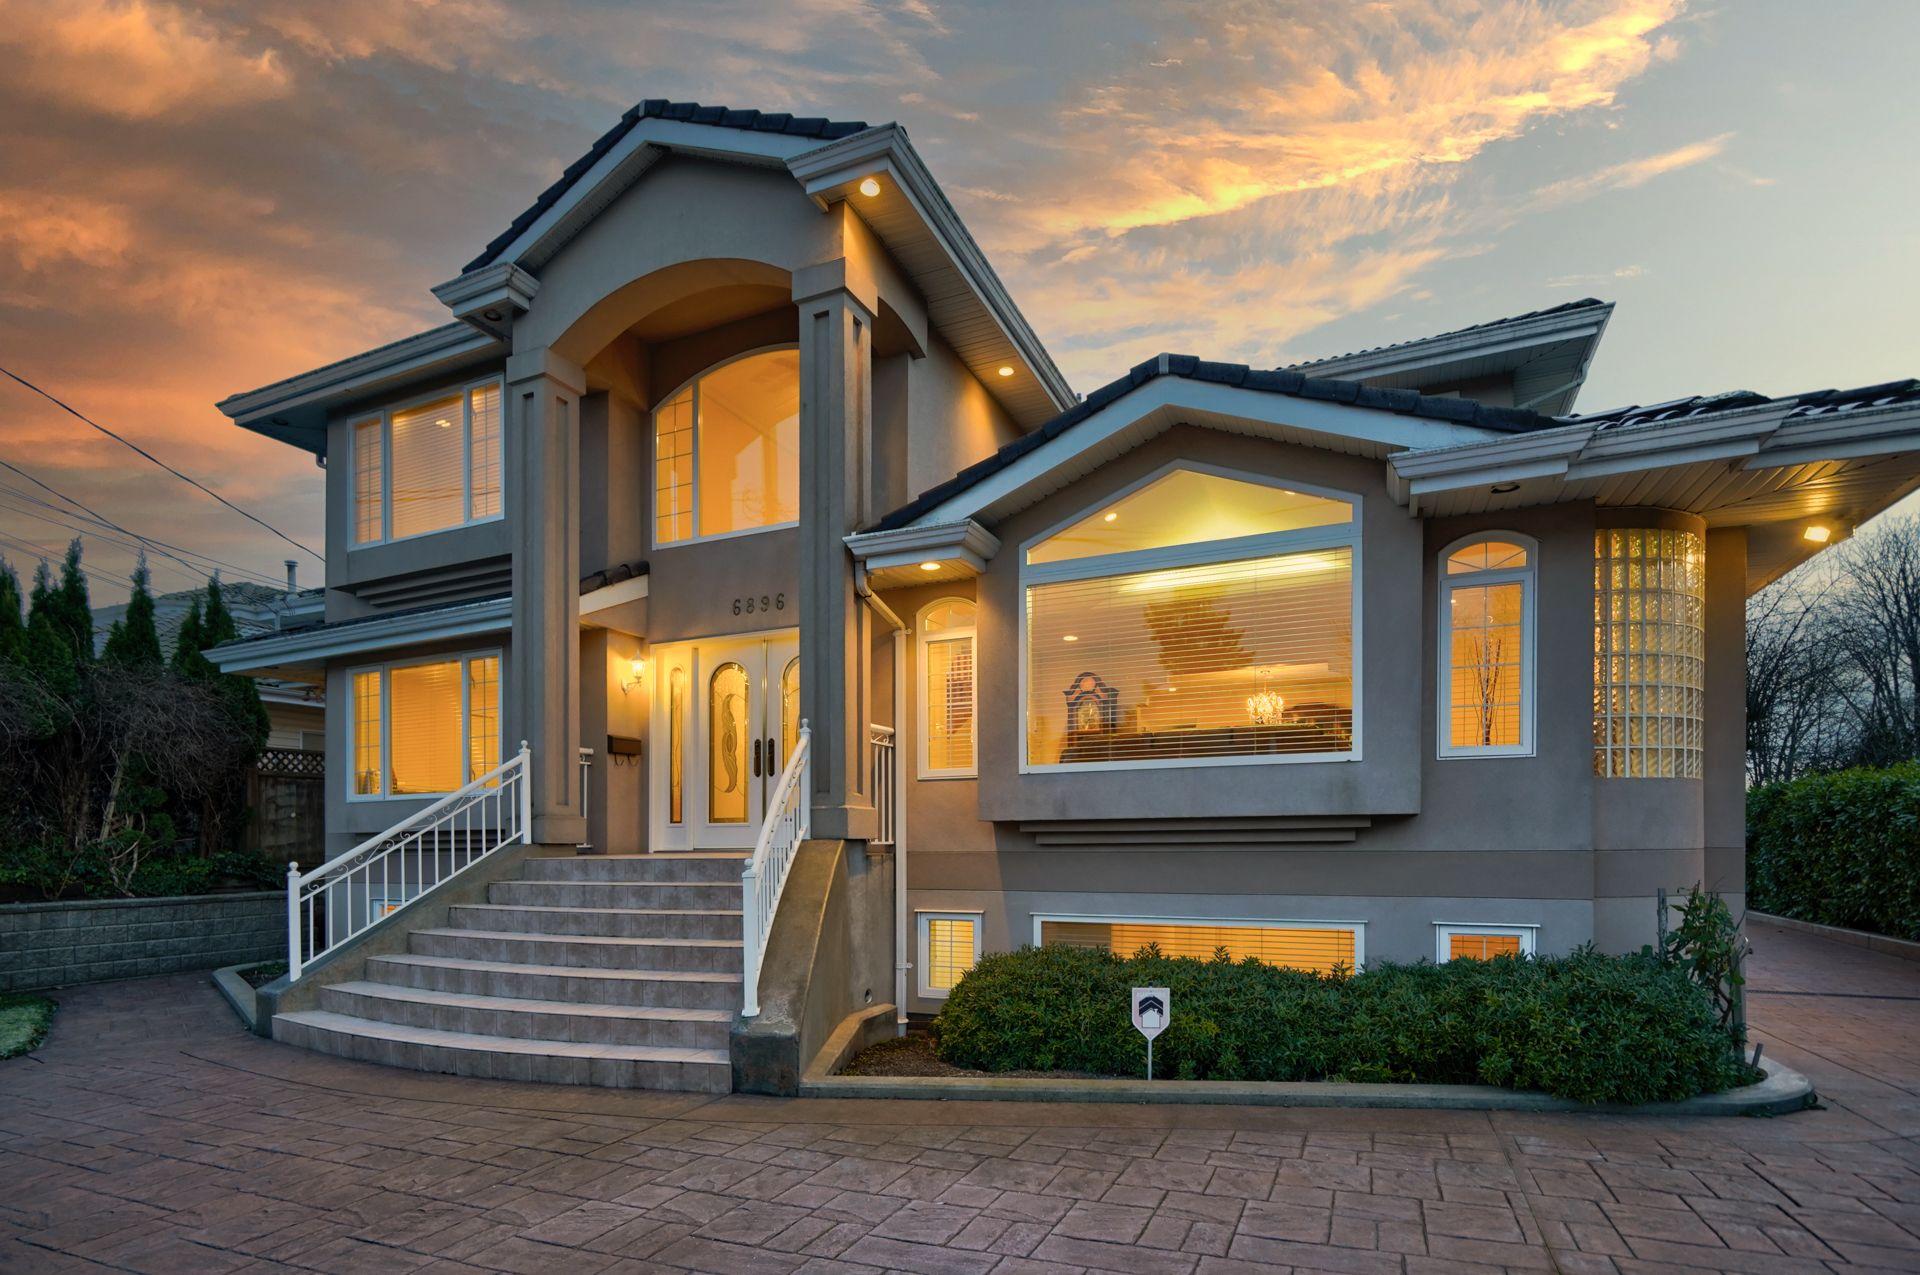 """Main Photo: 6896 WINCH Street in Burnaby: Sperling-Duthie House for sale in """"SPERLING-DUTHIE"""" (Burnaby North)  : MLS®# R2534279"""